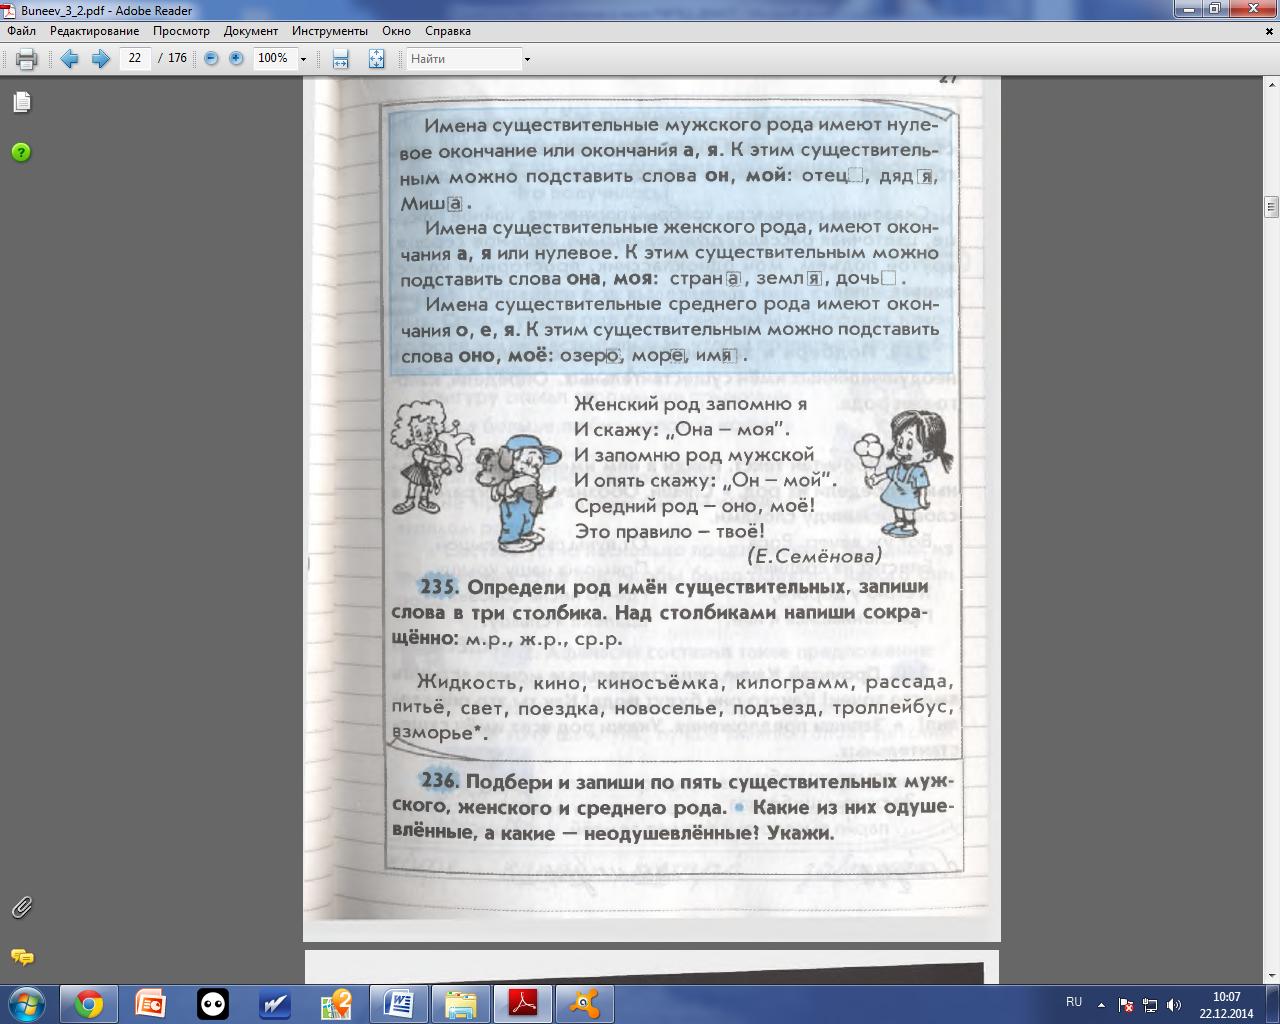 Помогите по русскому 4 класс бунеев упр 153продолжи я люблю книги о детях